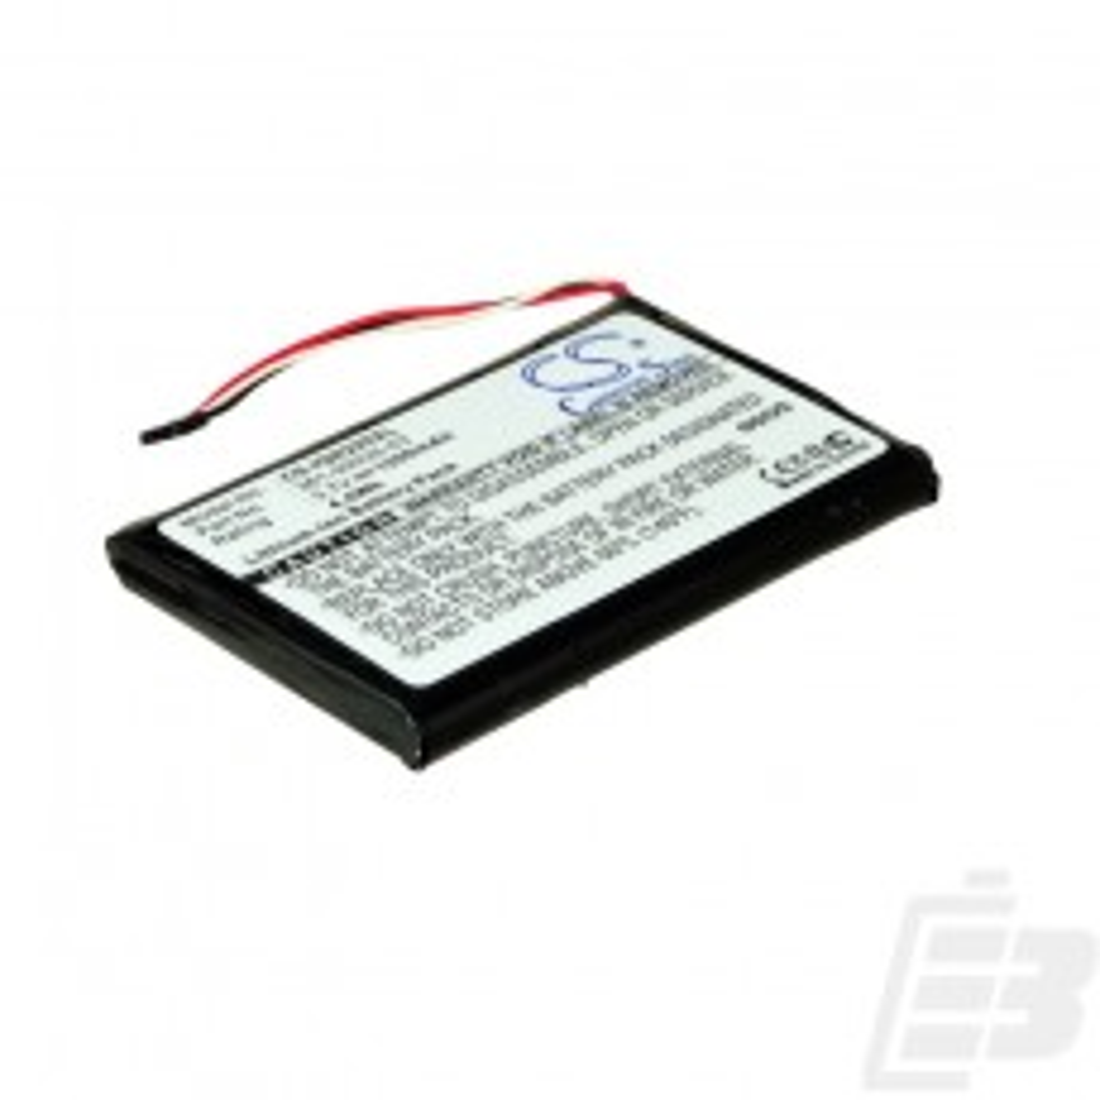 Μπαταρία GPS Garmin Nuvi 2789_1